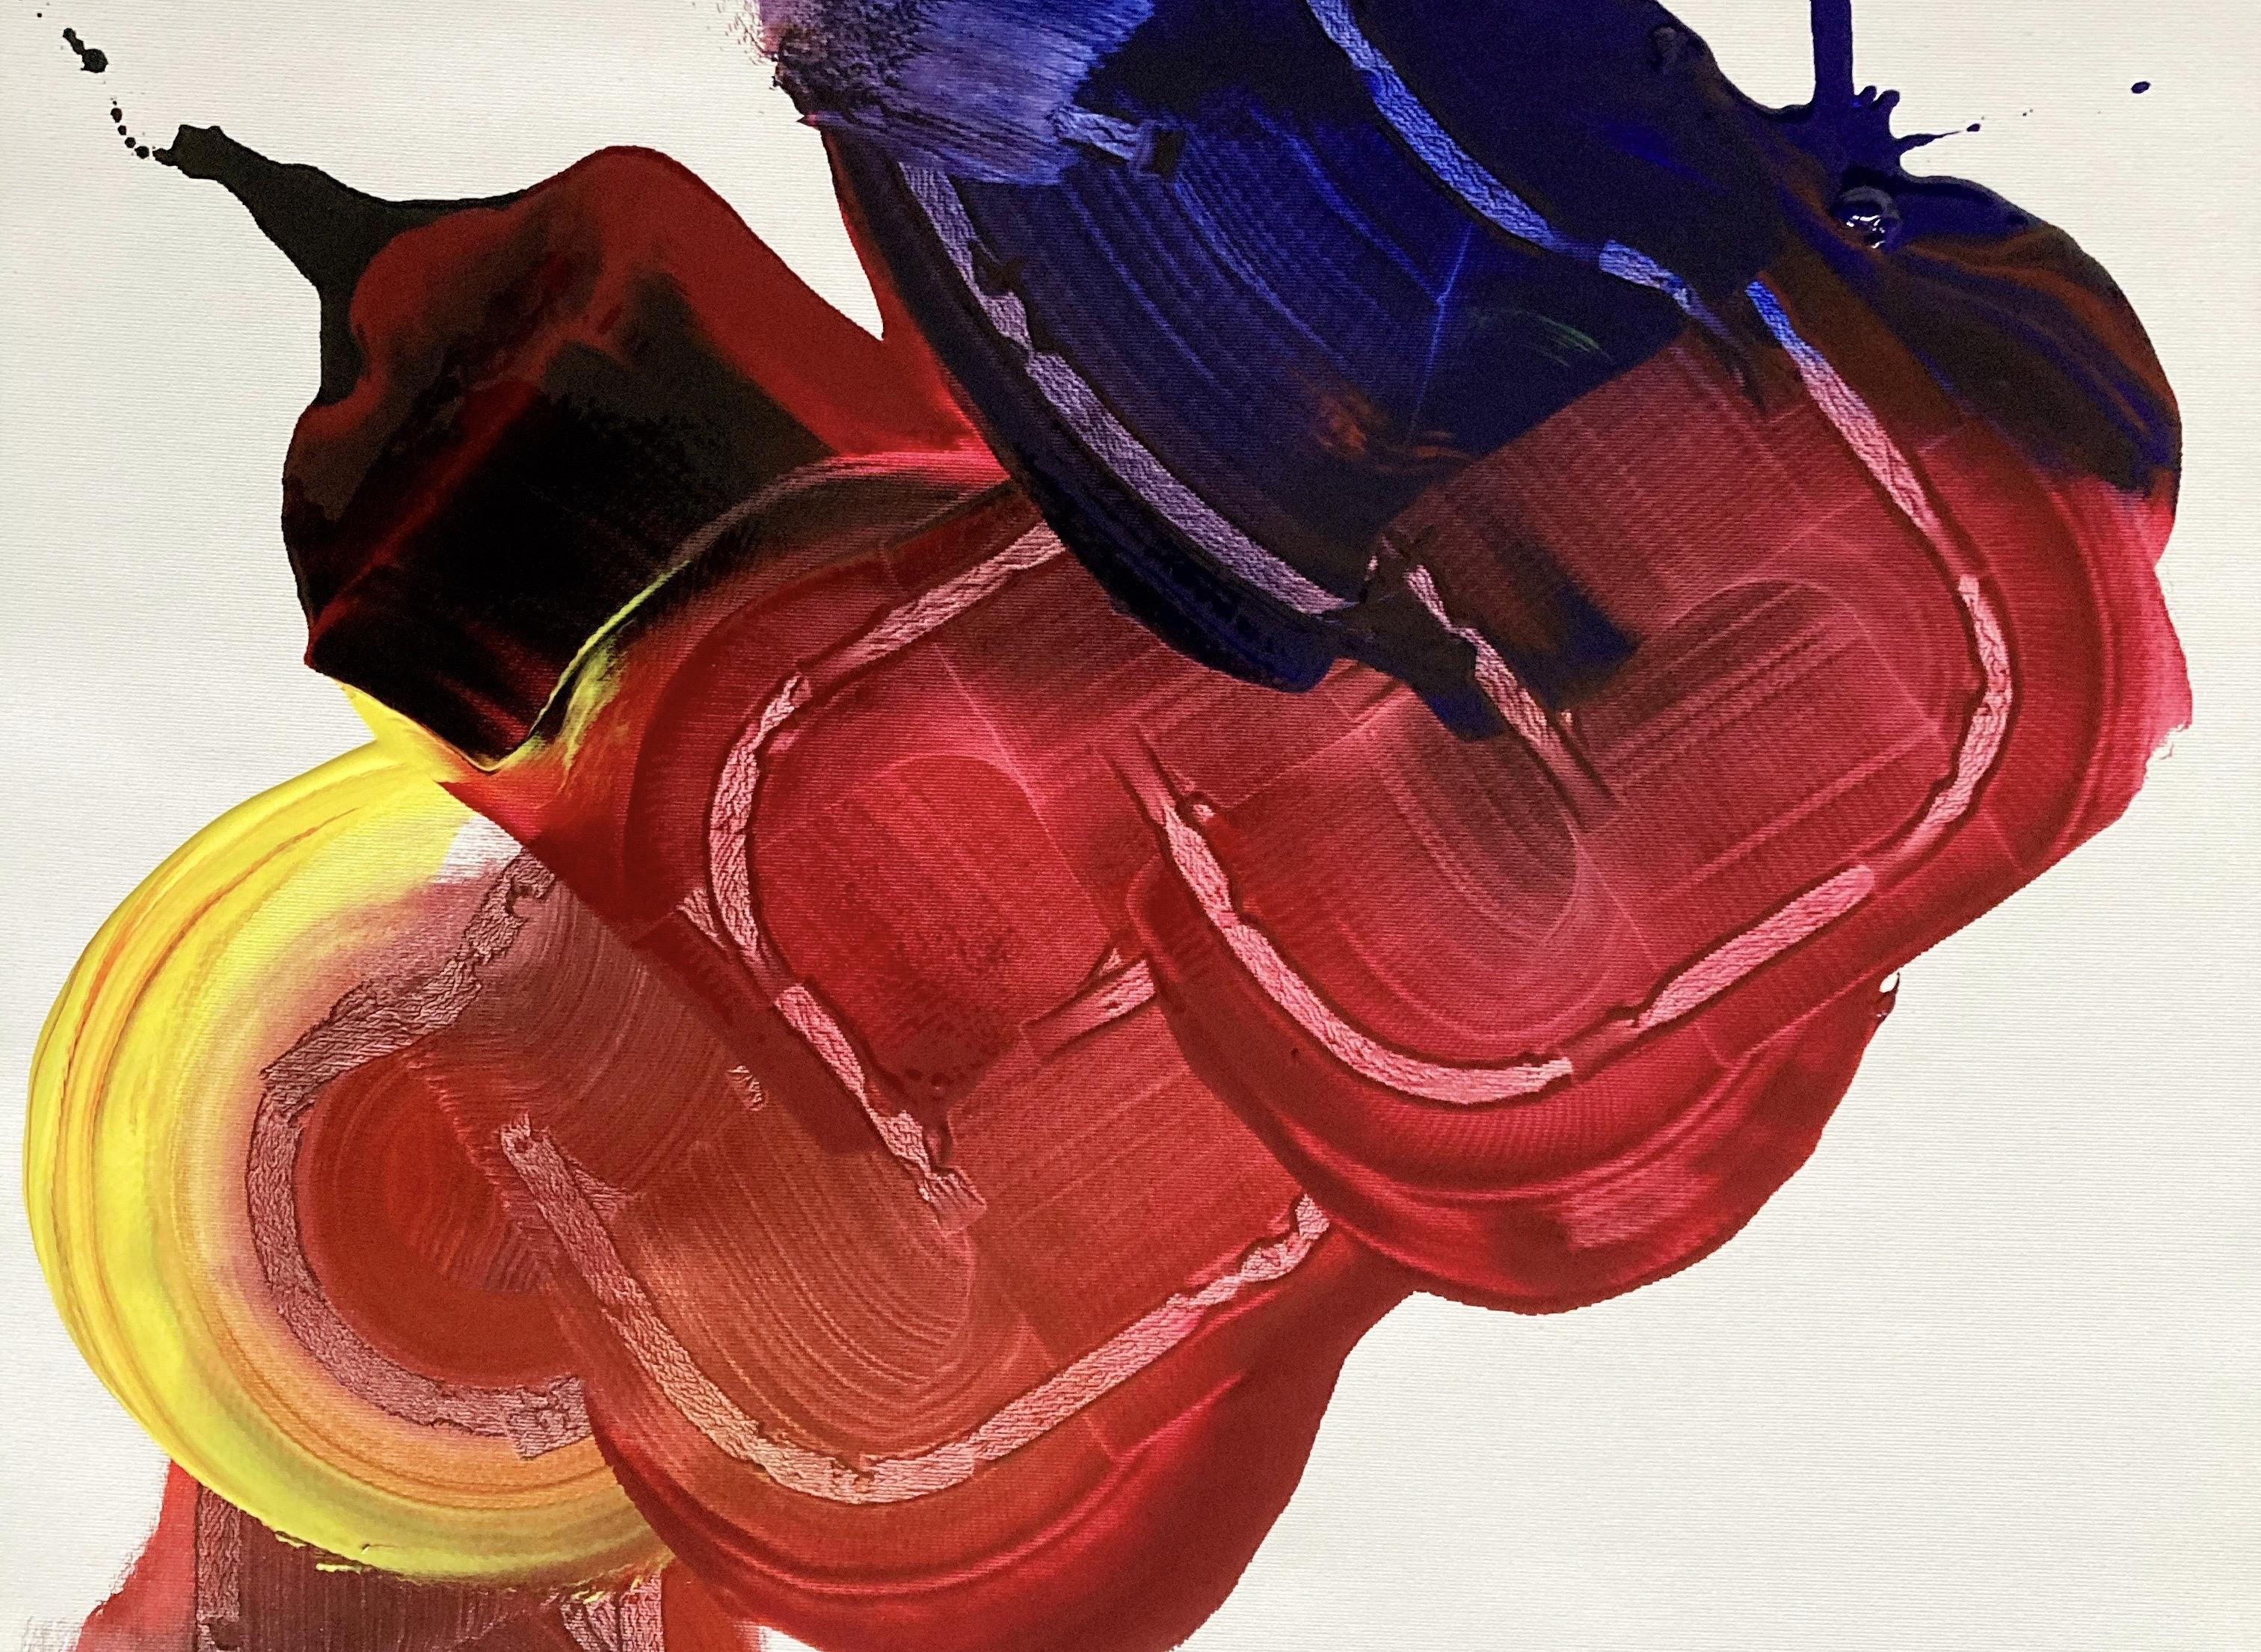 Addie Wagenknecht, Addie Wagenknecht, Self Portrait, Yves Klein Blau, CBD, Melatonin, Chanel Lippenstift Pigment mit Ölmedium auf Leinwand, 49 x 80 cm, 2020